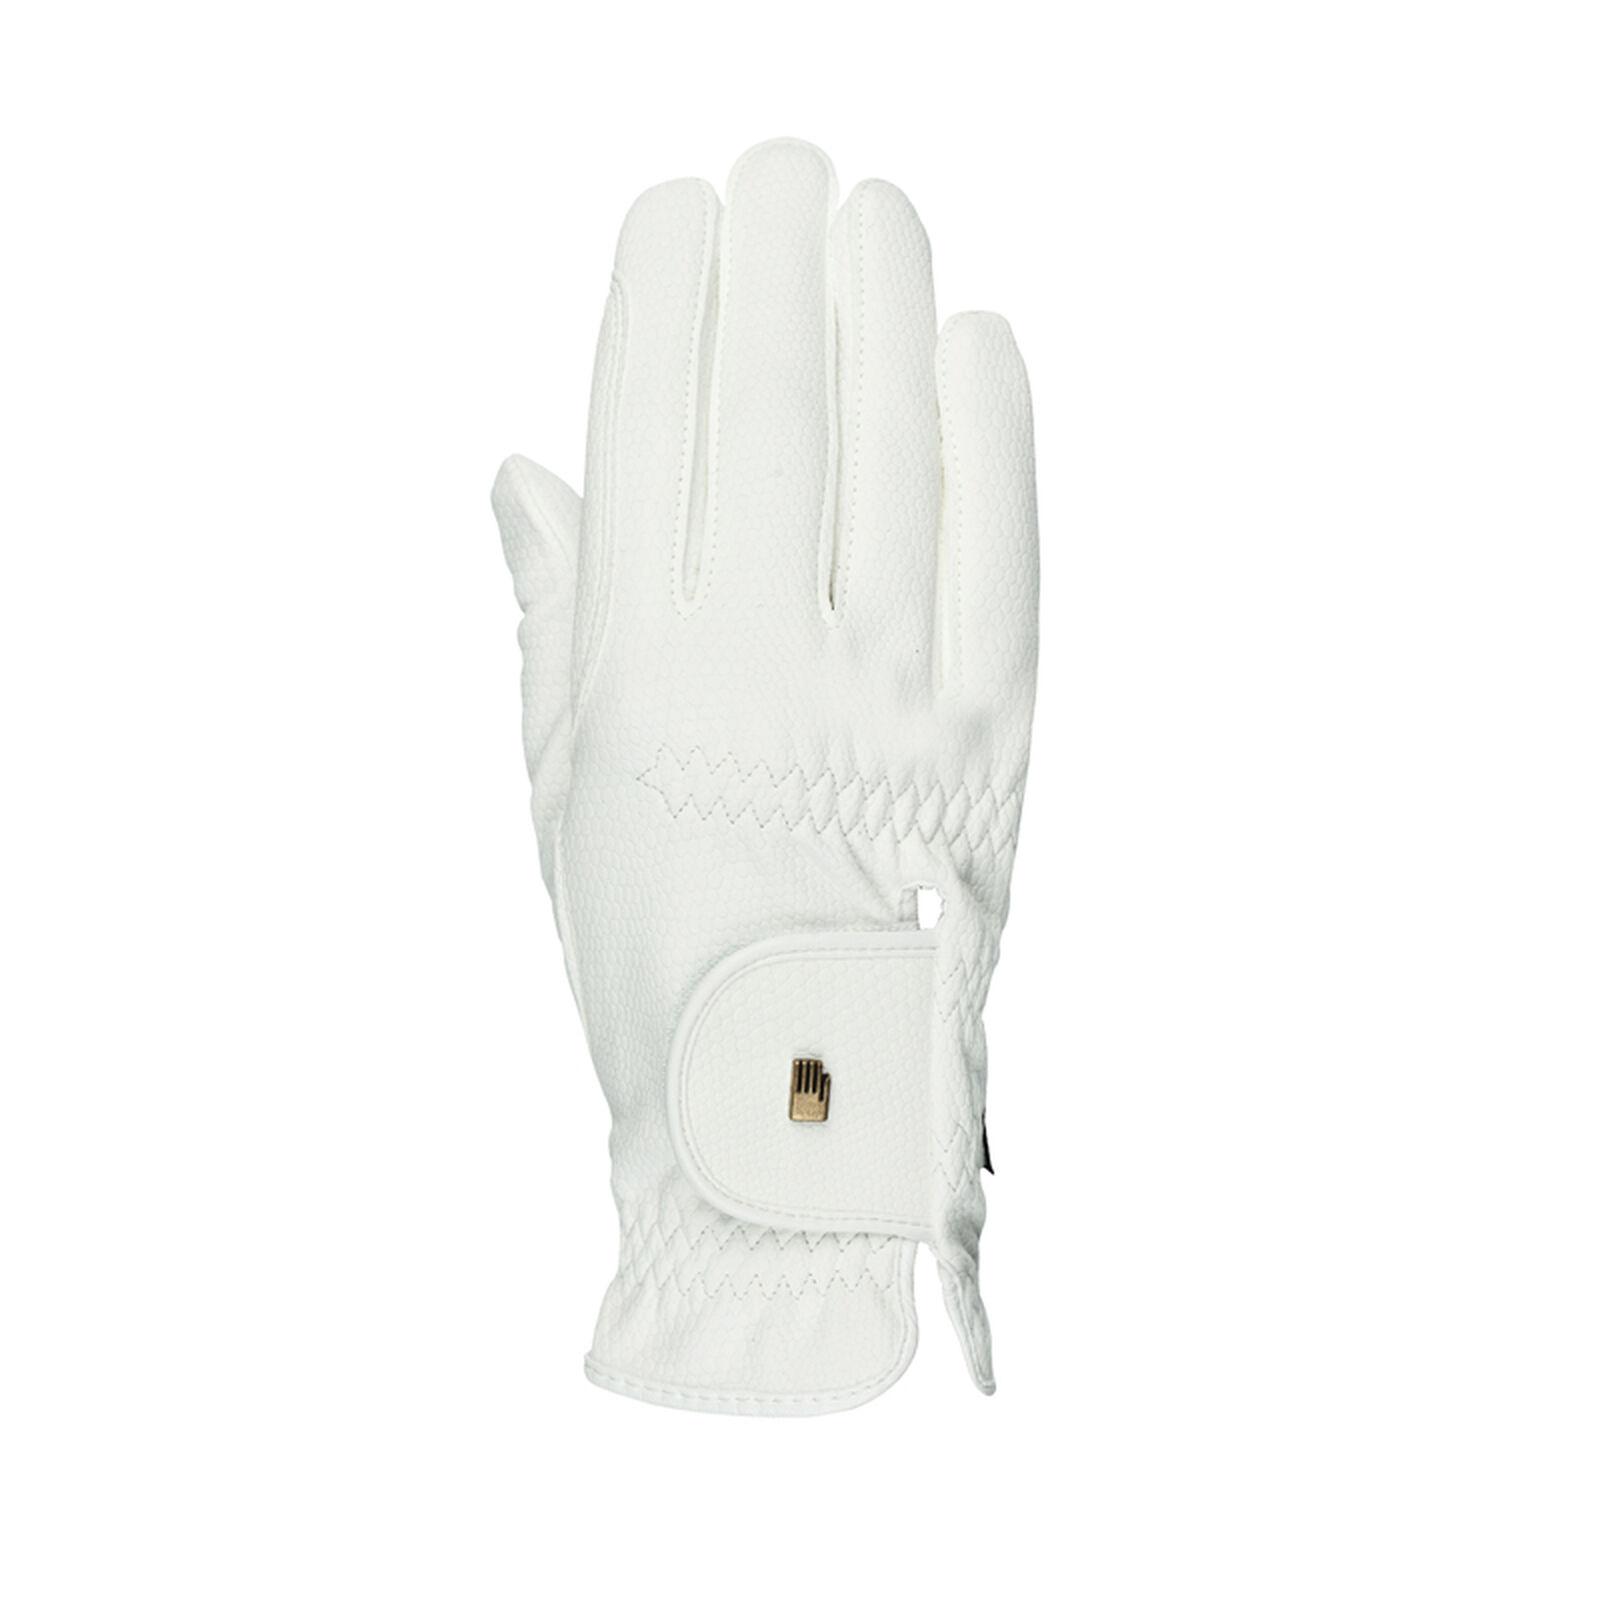 Roeckl Roeck-Grip Winter Unisex Gloves 8 Black